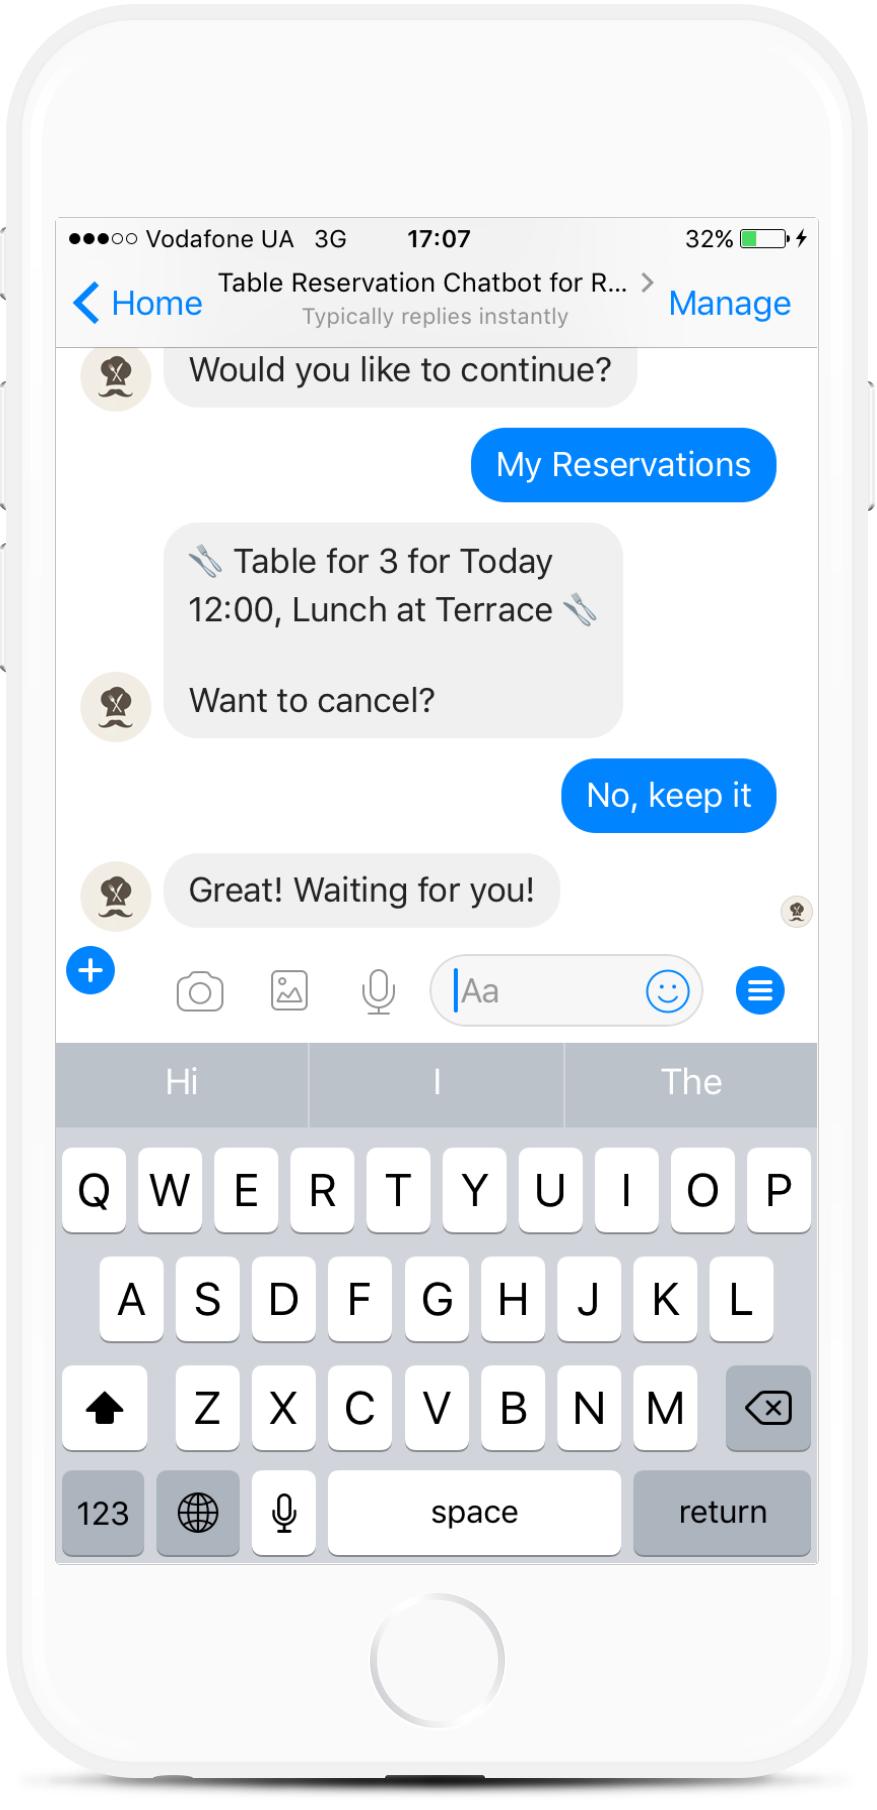 Restaurant Table Reservation Chatbot for Facebook Messenger for $29   #messenger #bottemplates #bots #chatbots #aibots #fbmessenger #botmakers